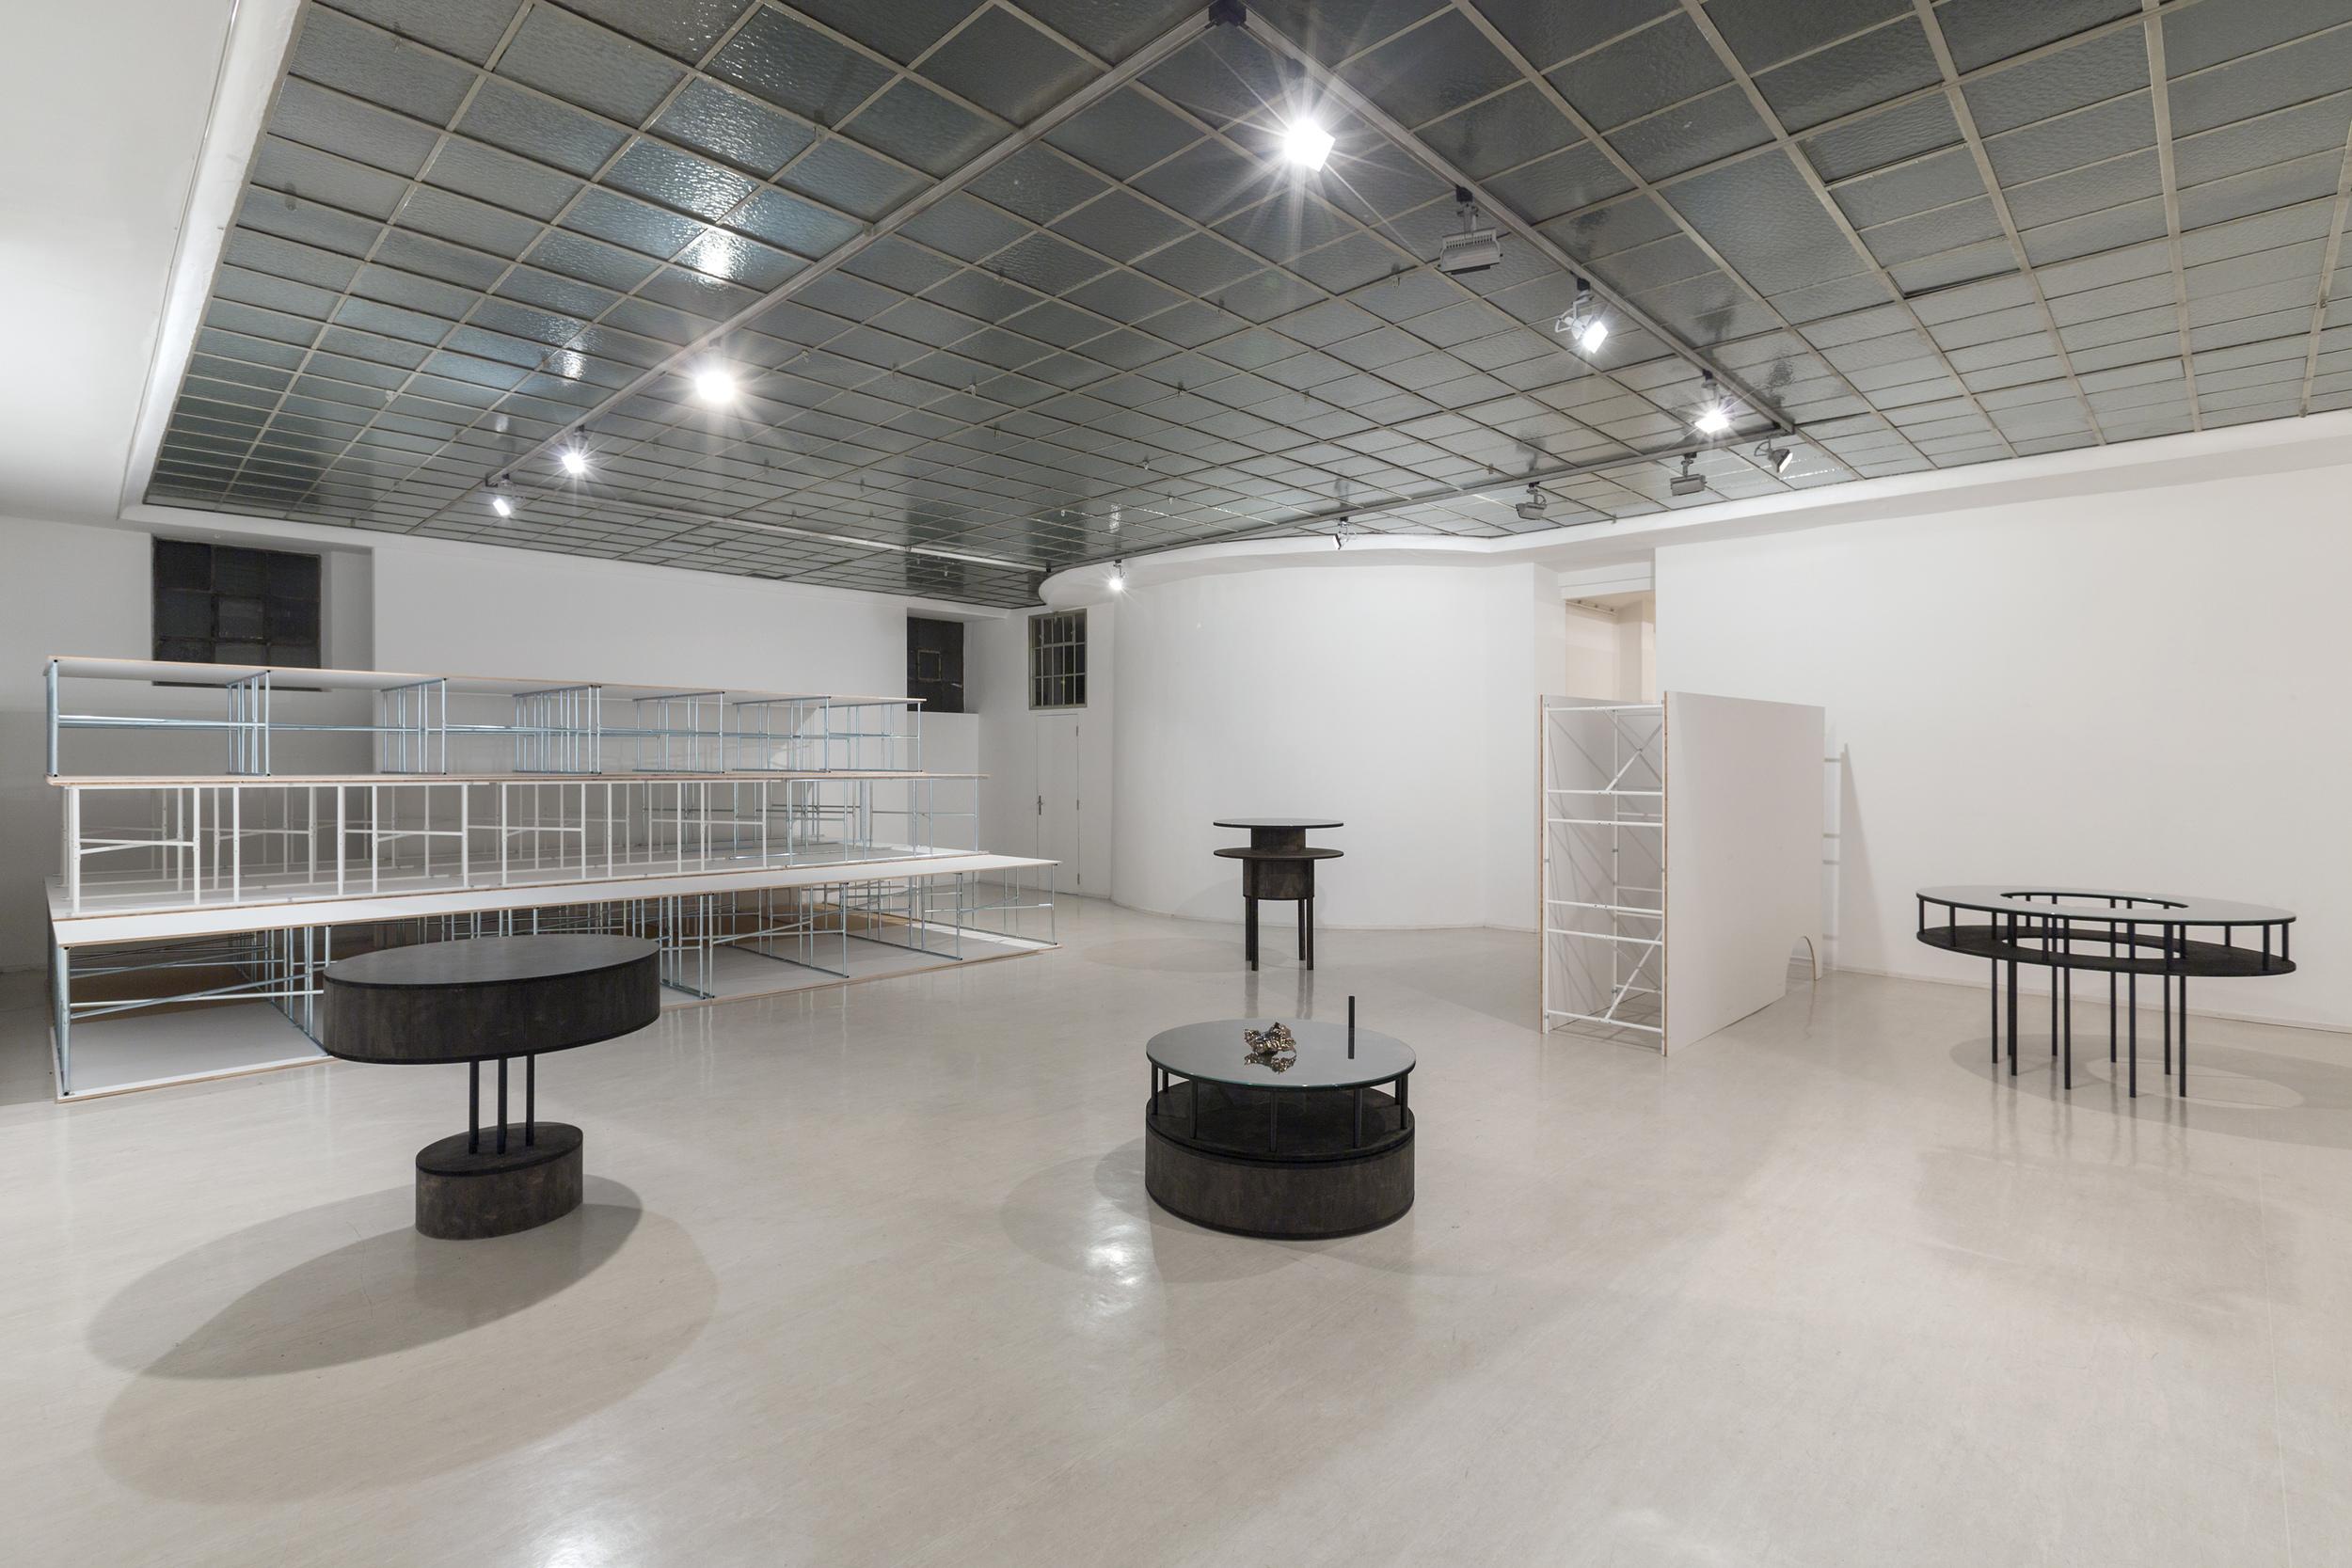 Georg Kargl Fine Arts, Ausstellungsansicht,Nadim Vardag, 2012/13.